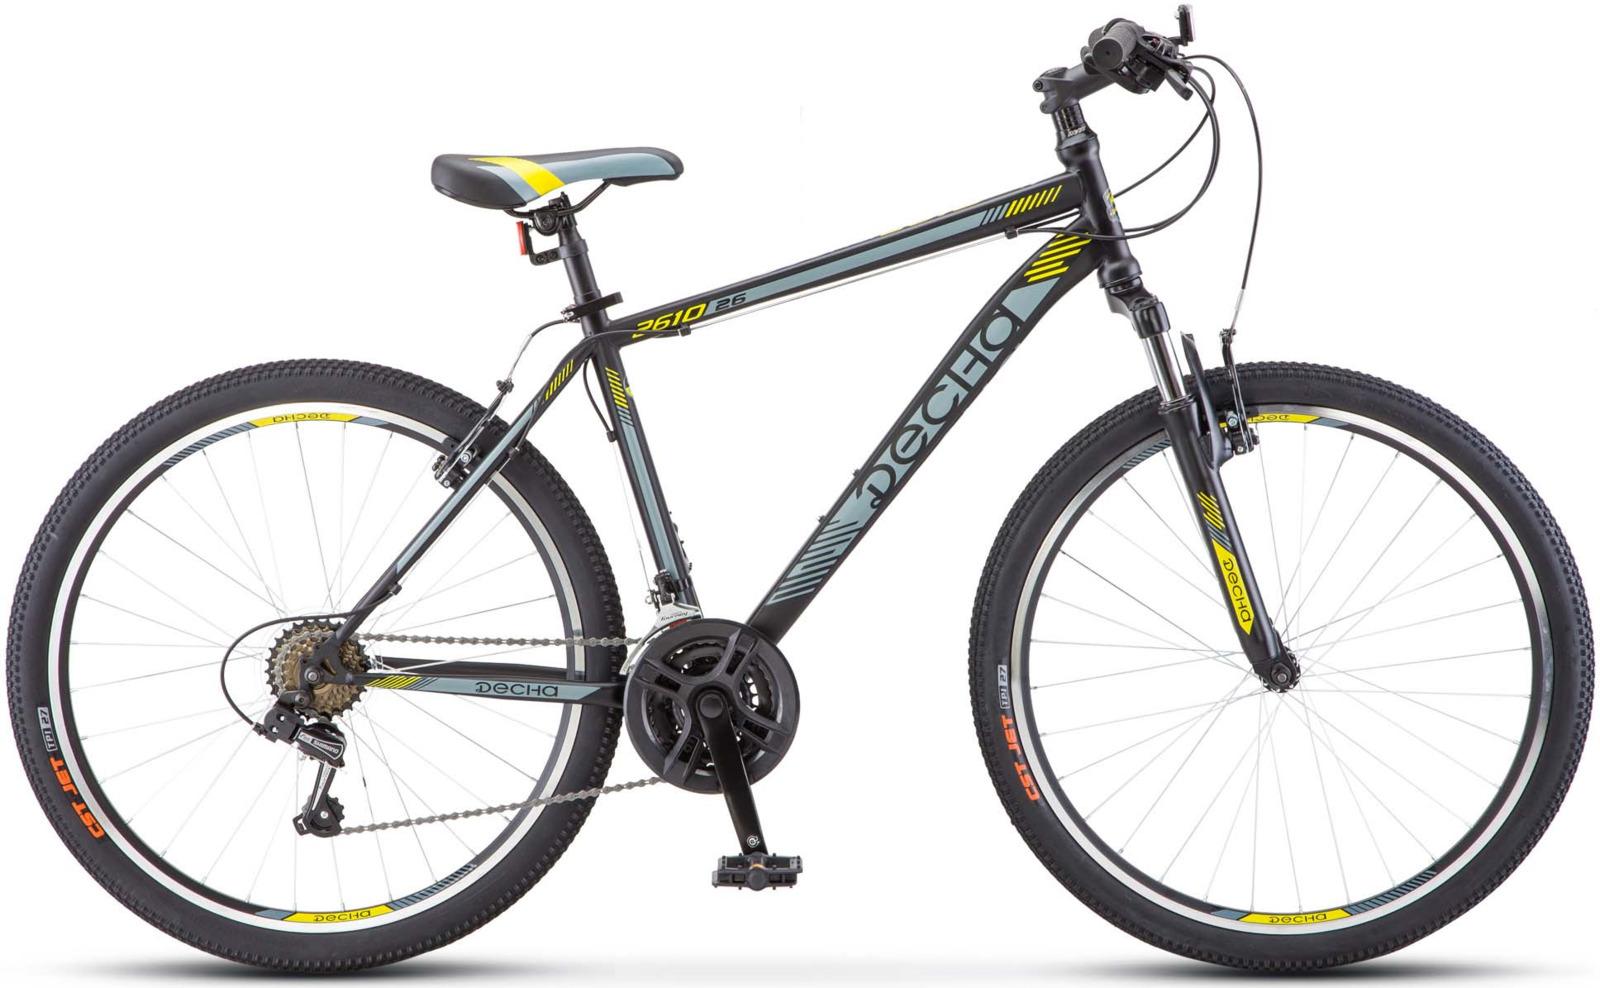 Велосипед Stels Десна-2610 V 16, KUBC0044782017, черный цена в Москве и Питере